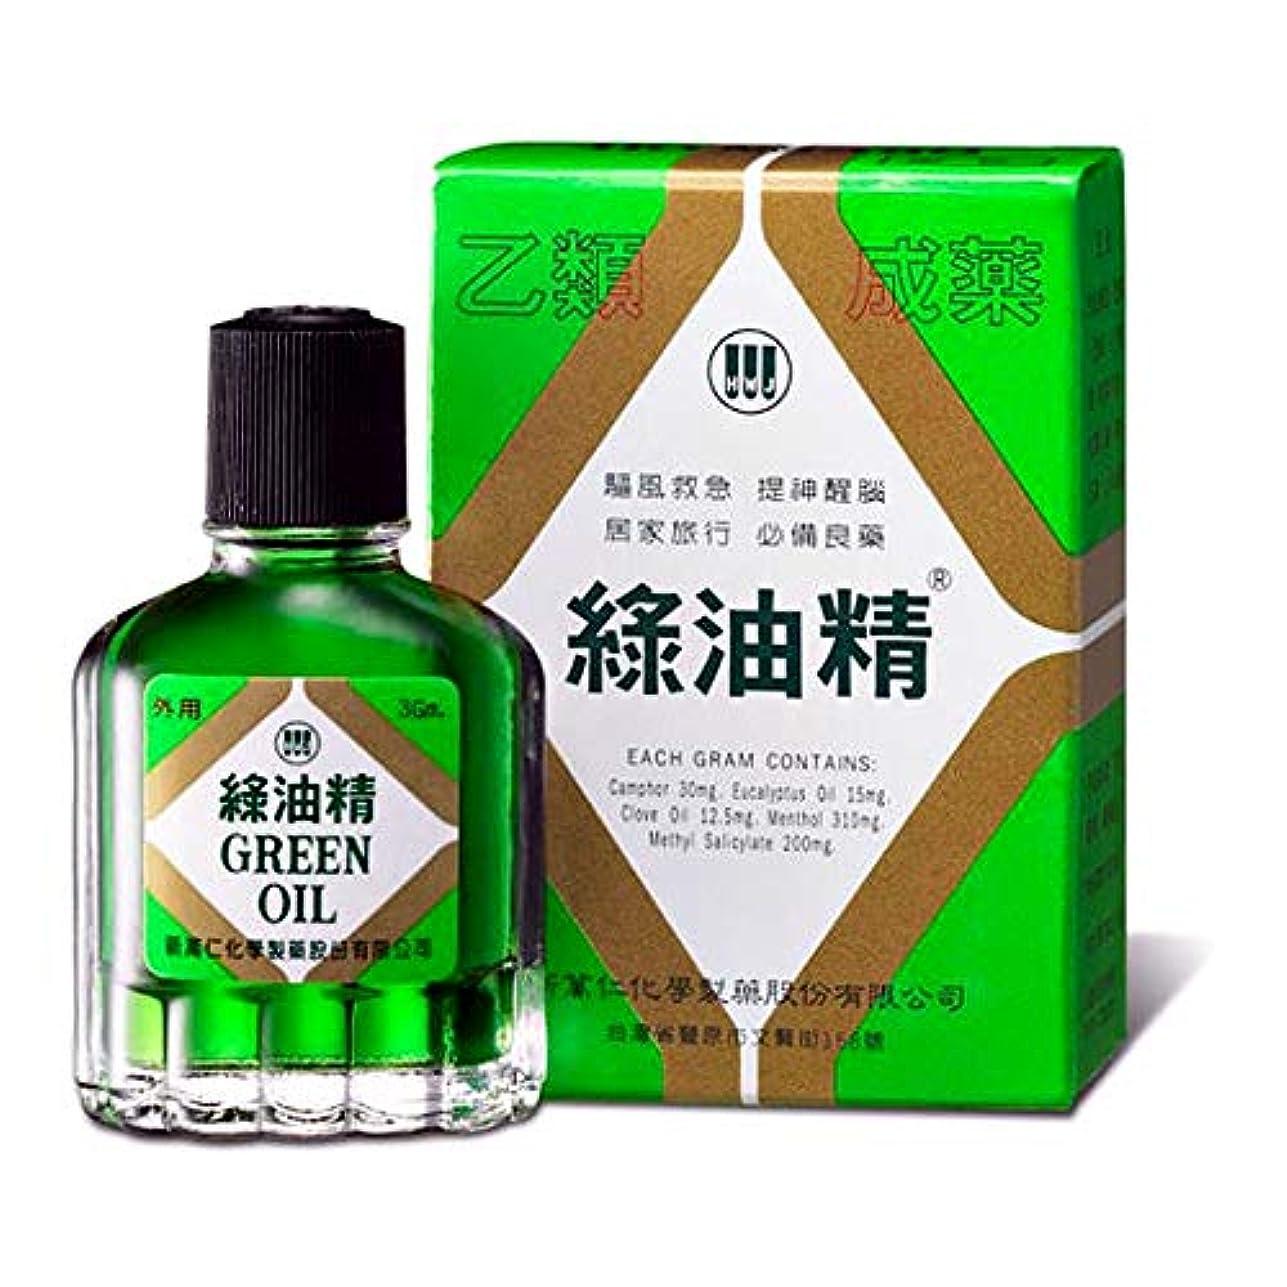 サイレン溝加速度《新萬仁》台湾の万能グリーンオイル 緑油精 3g 《台湾 お土産》 [並行輸入品]